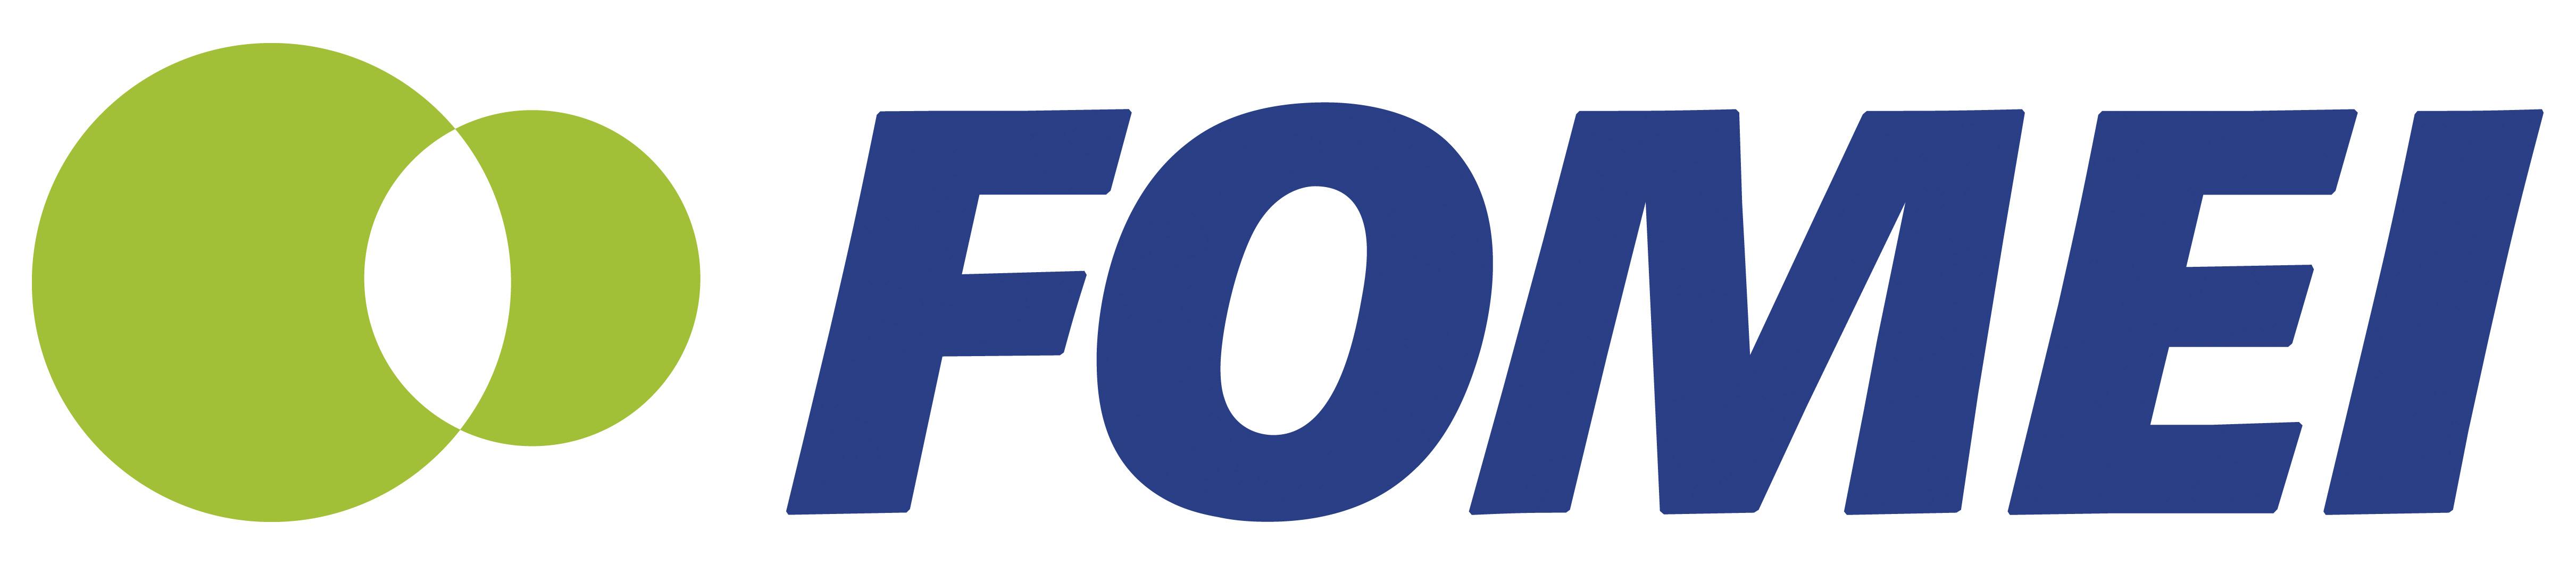 Logo výrobce Fomei - luxusní pozorovací dalekohledy